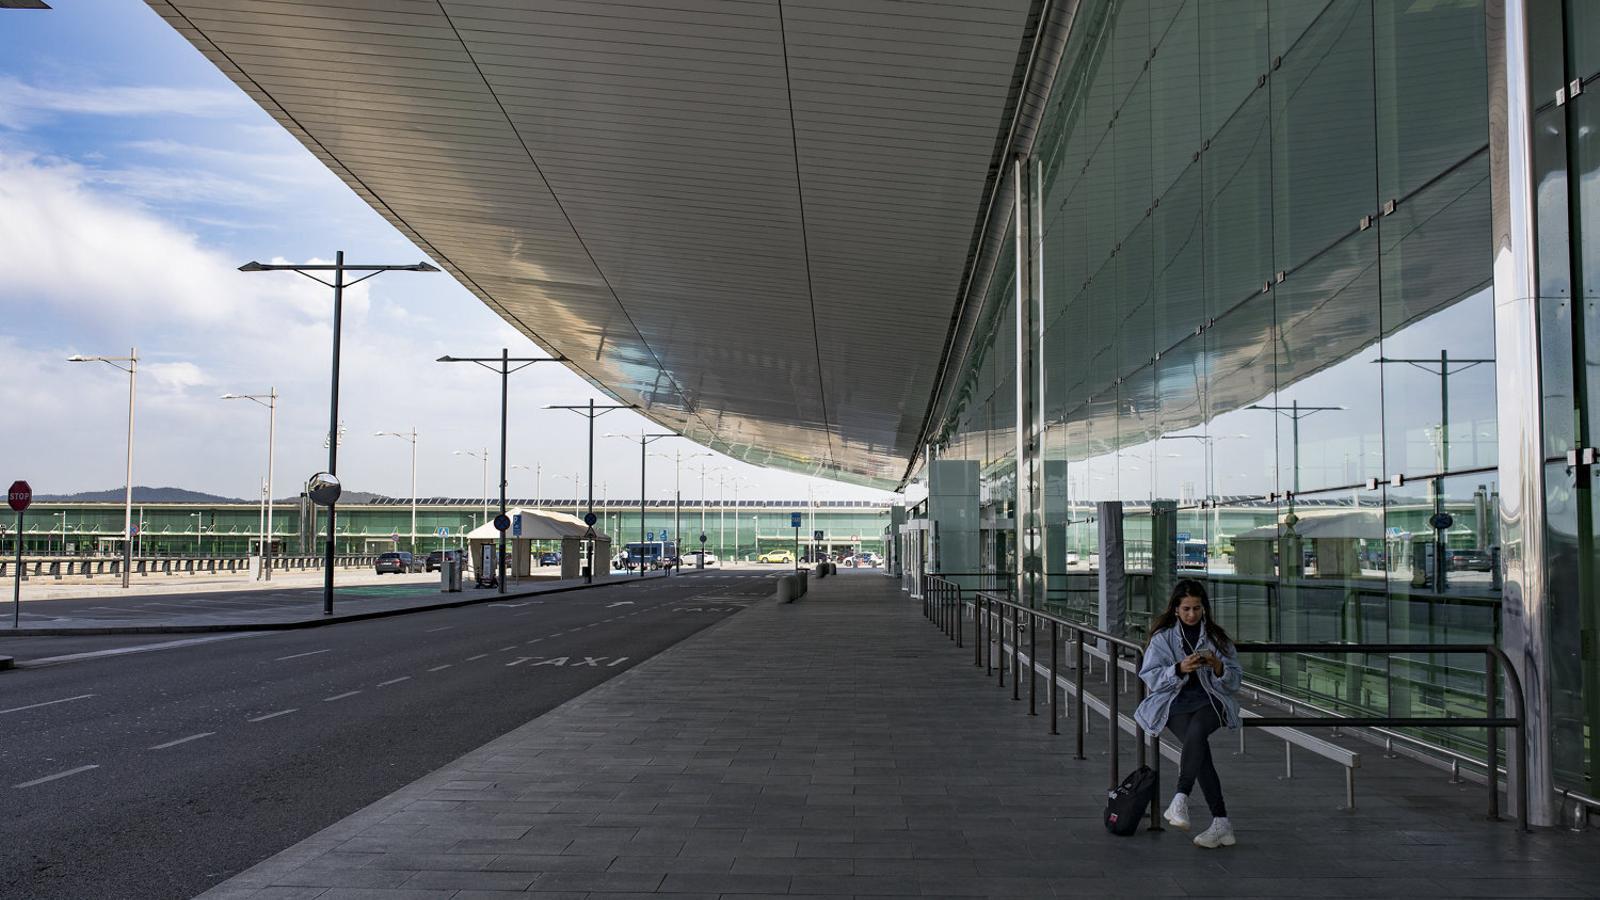 L'aeroport del Prat, que l'any passat va rebre 52 milions de viatgers, gairebé buit per la pandèmia del covid-19. / FRANCESC MELCION